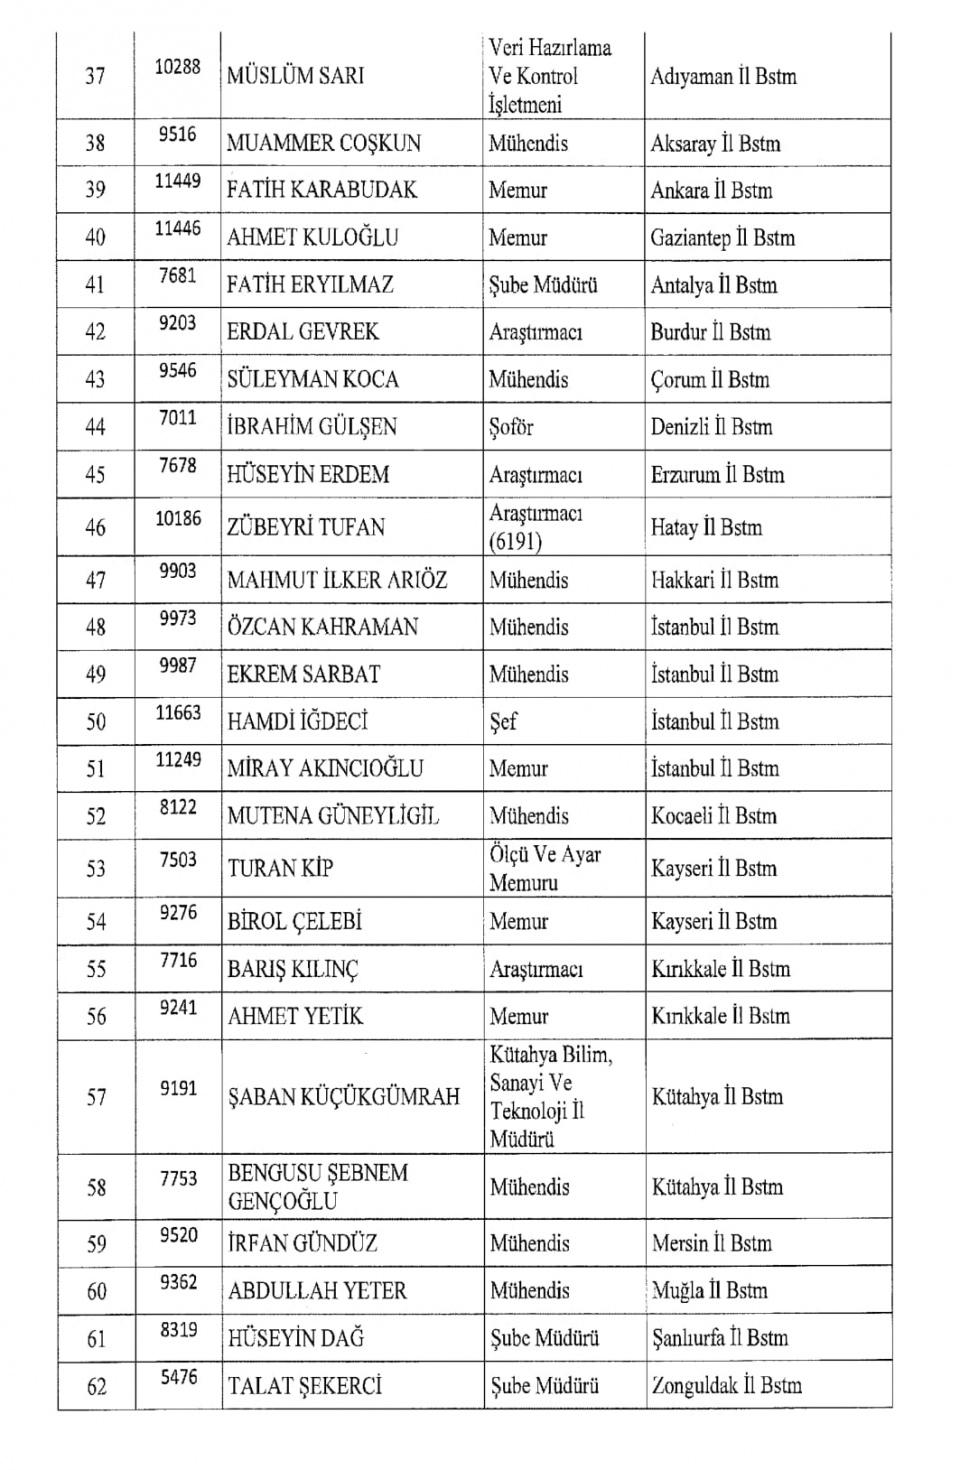 İşte kamuda ihraç edilenlerin tam listesi 87